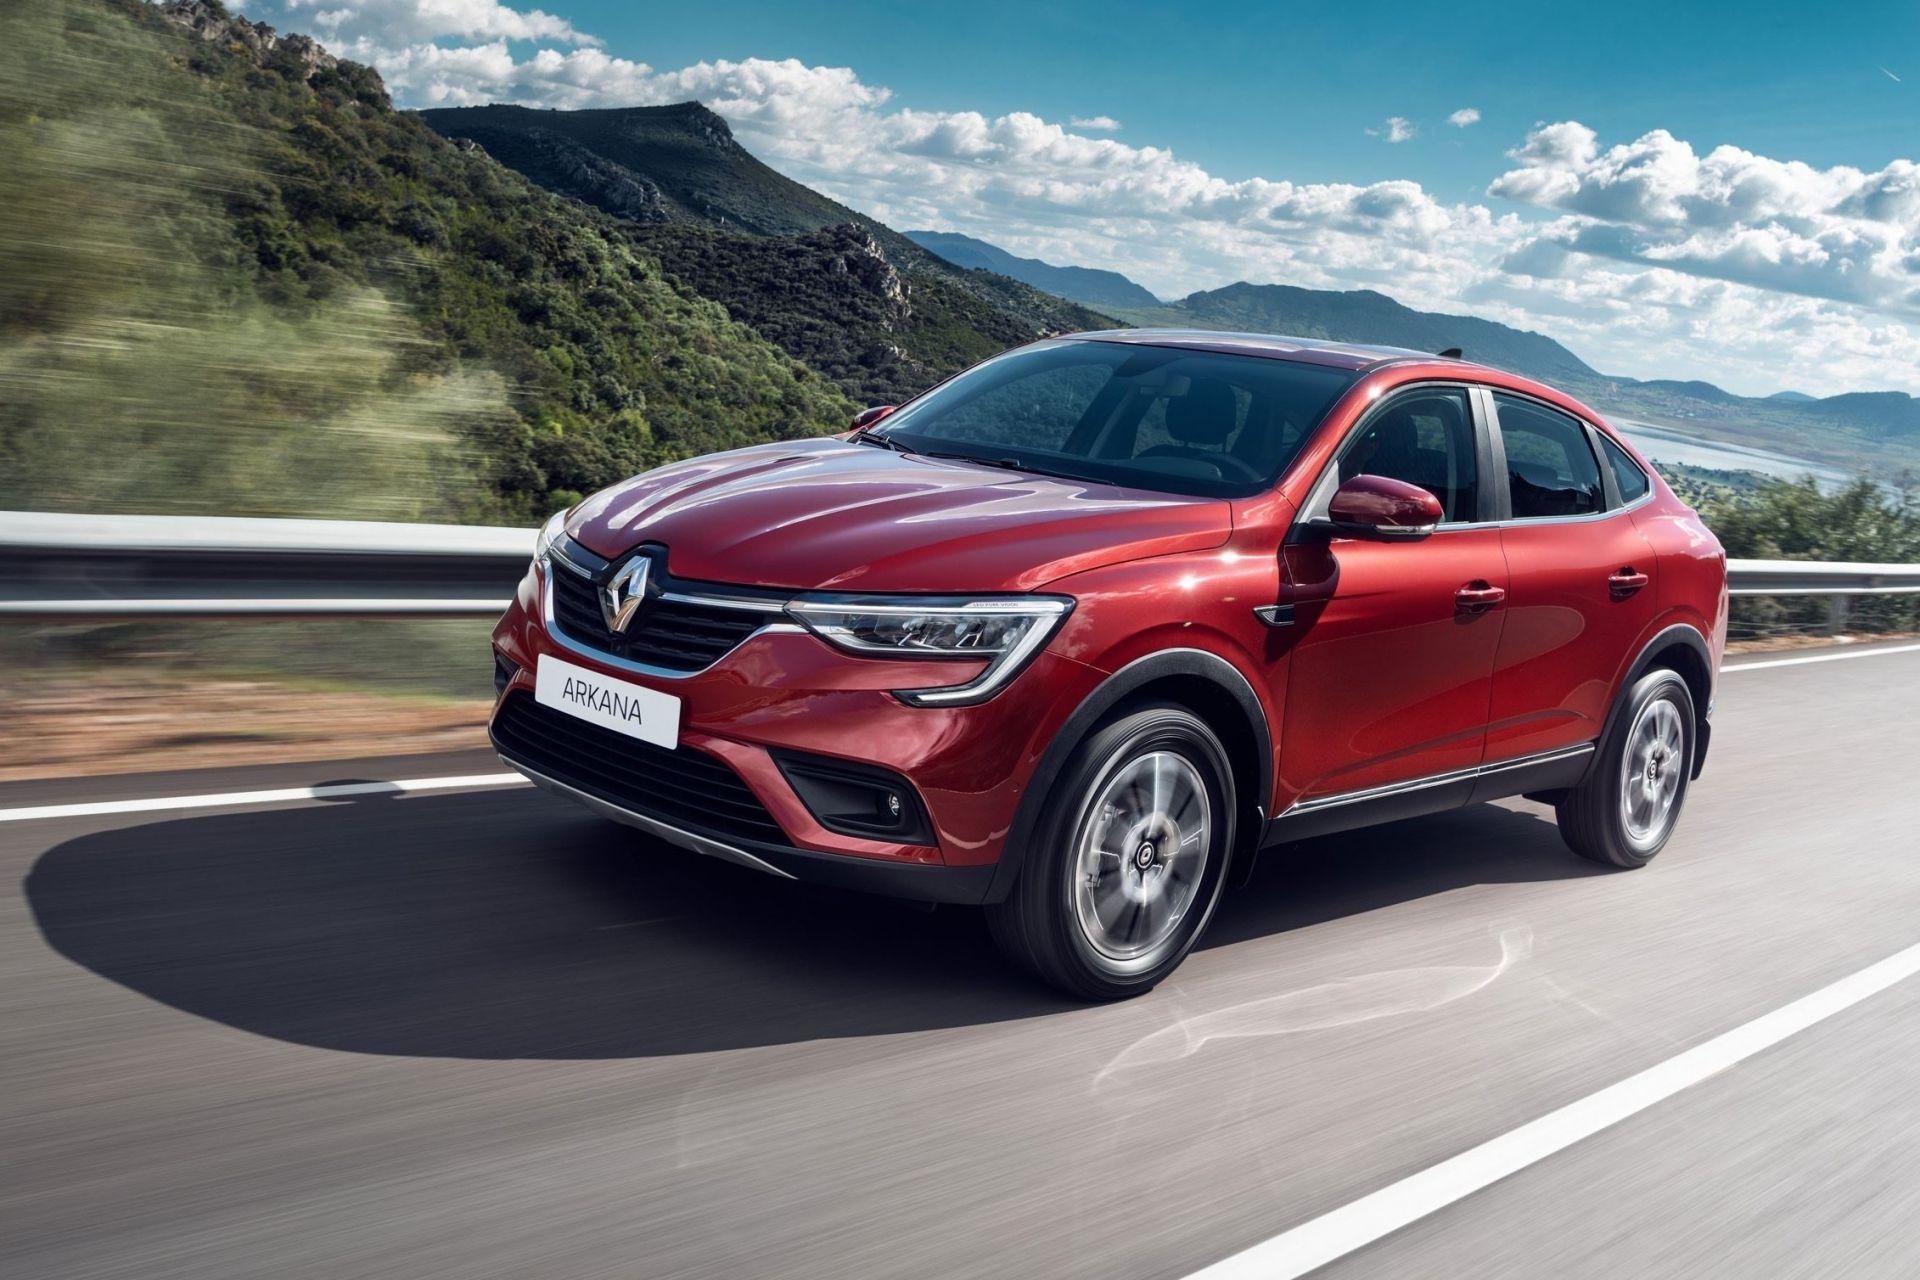 Стала известна цена кроссовера Renault Arkana украинской сборки